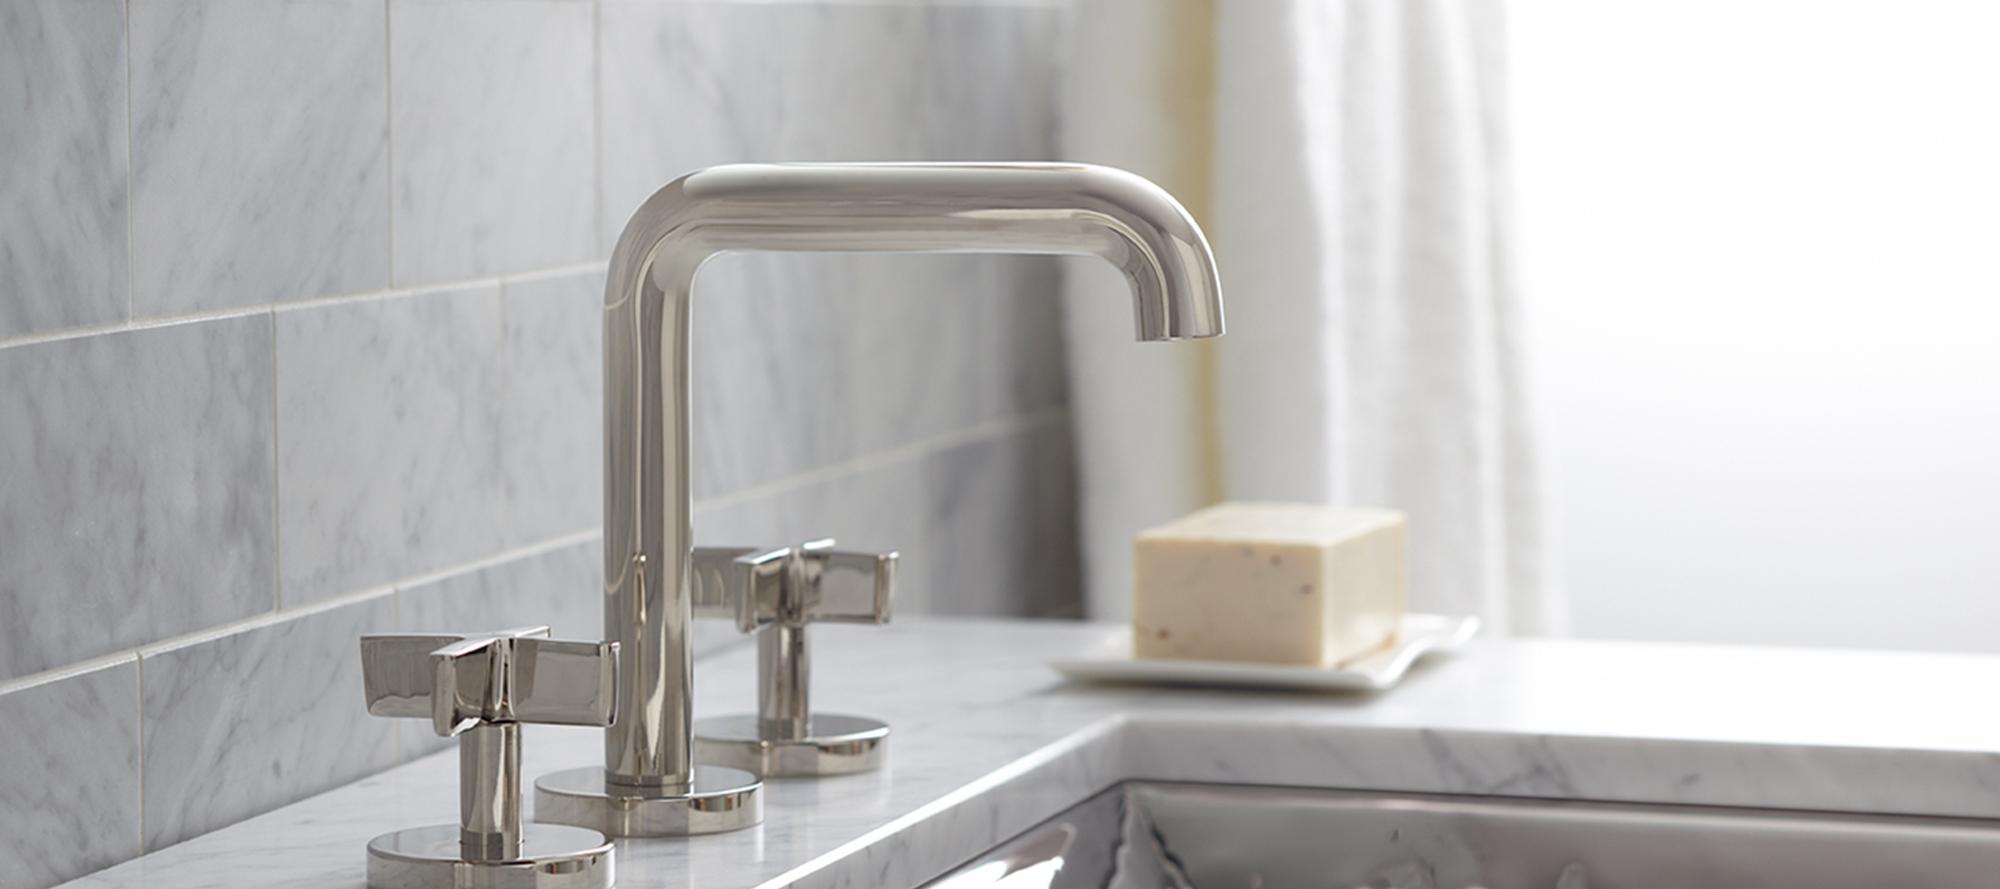 one deck mounted bridge kitchen faucet lever handles p25202 lv kitchen faucets kallista